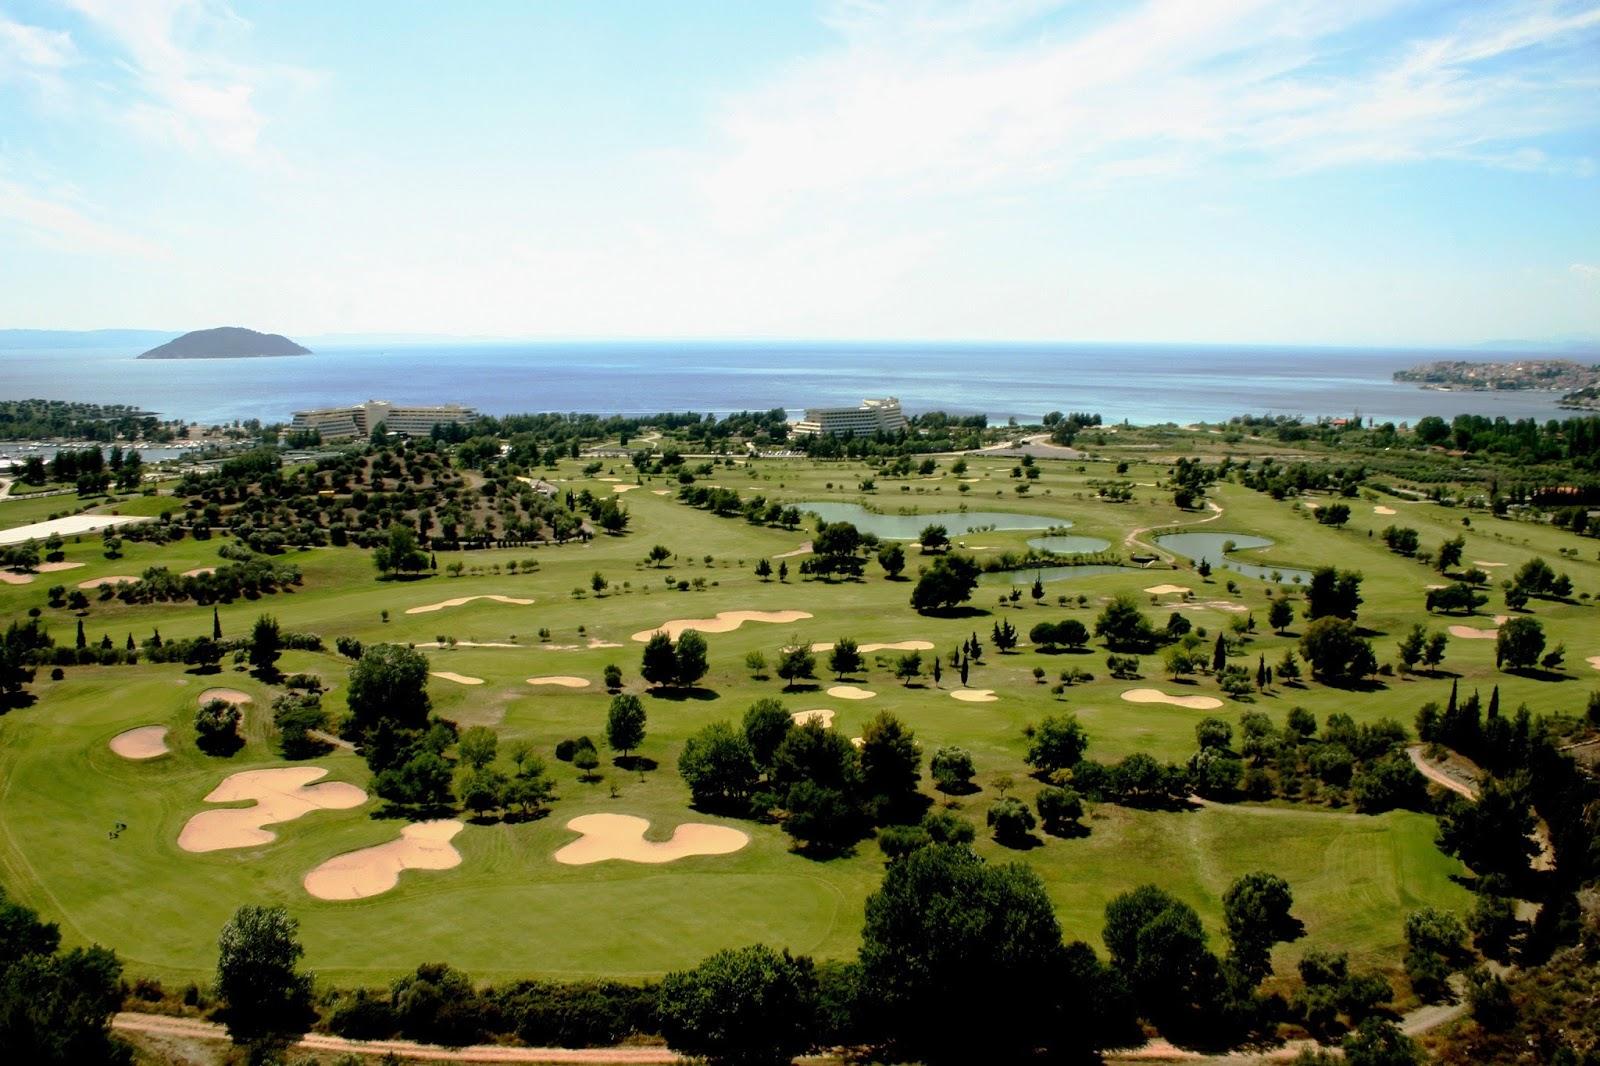 Τουρνουά Γκολφ στο Porto Carras Grand Resort  9º Porto Carras Pro Am & Open 2018!